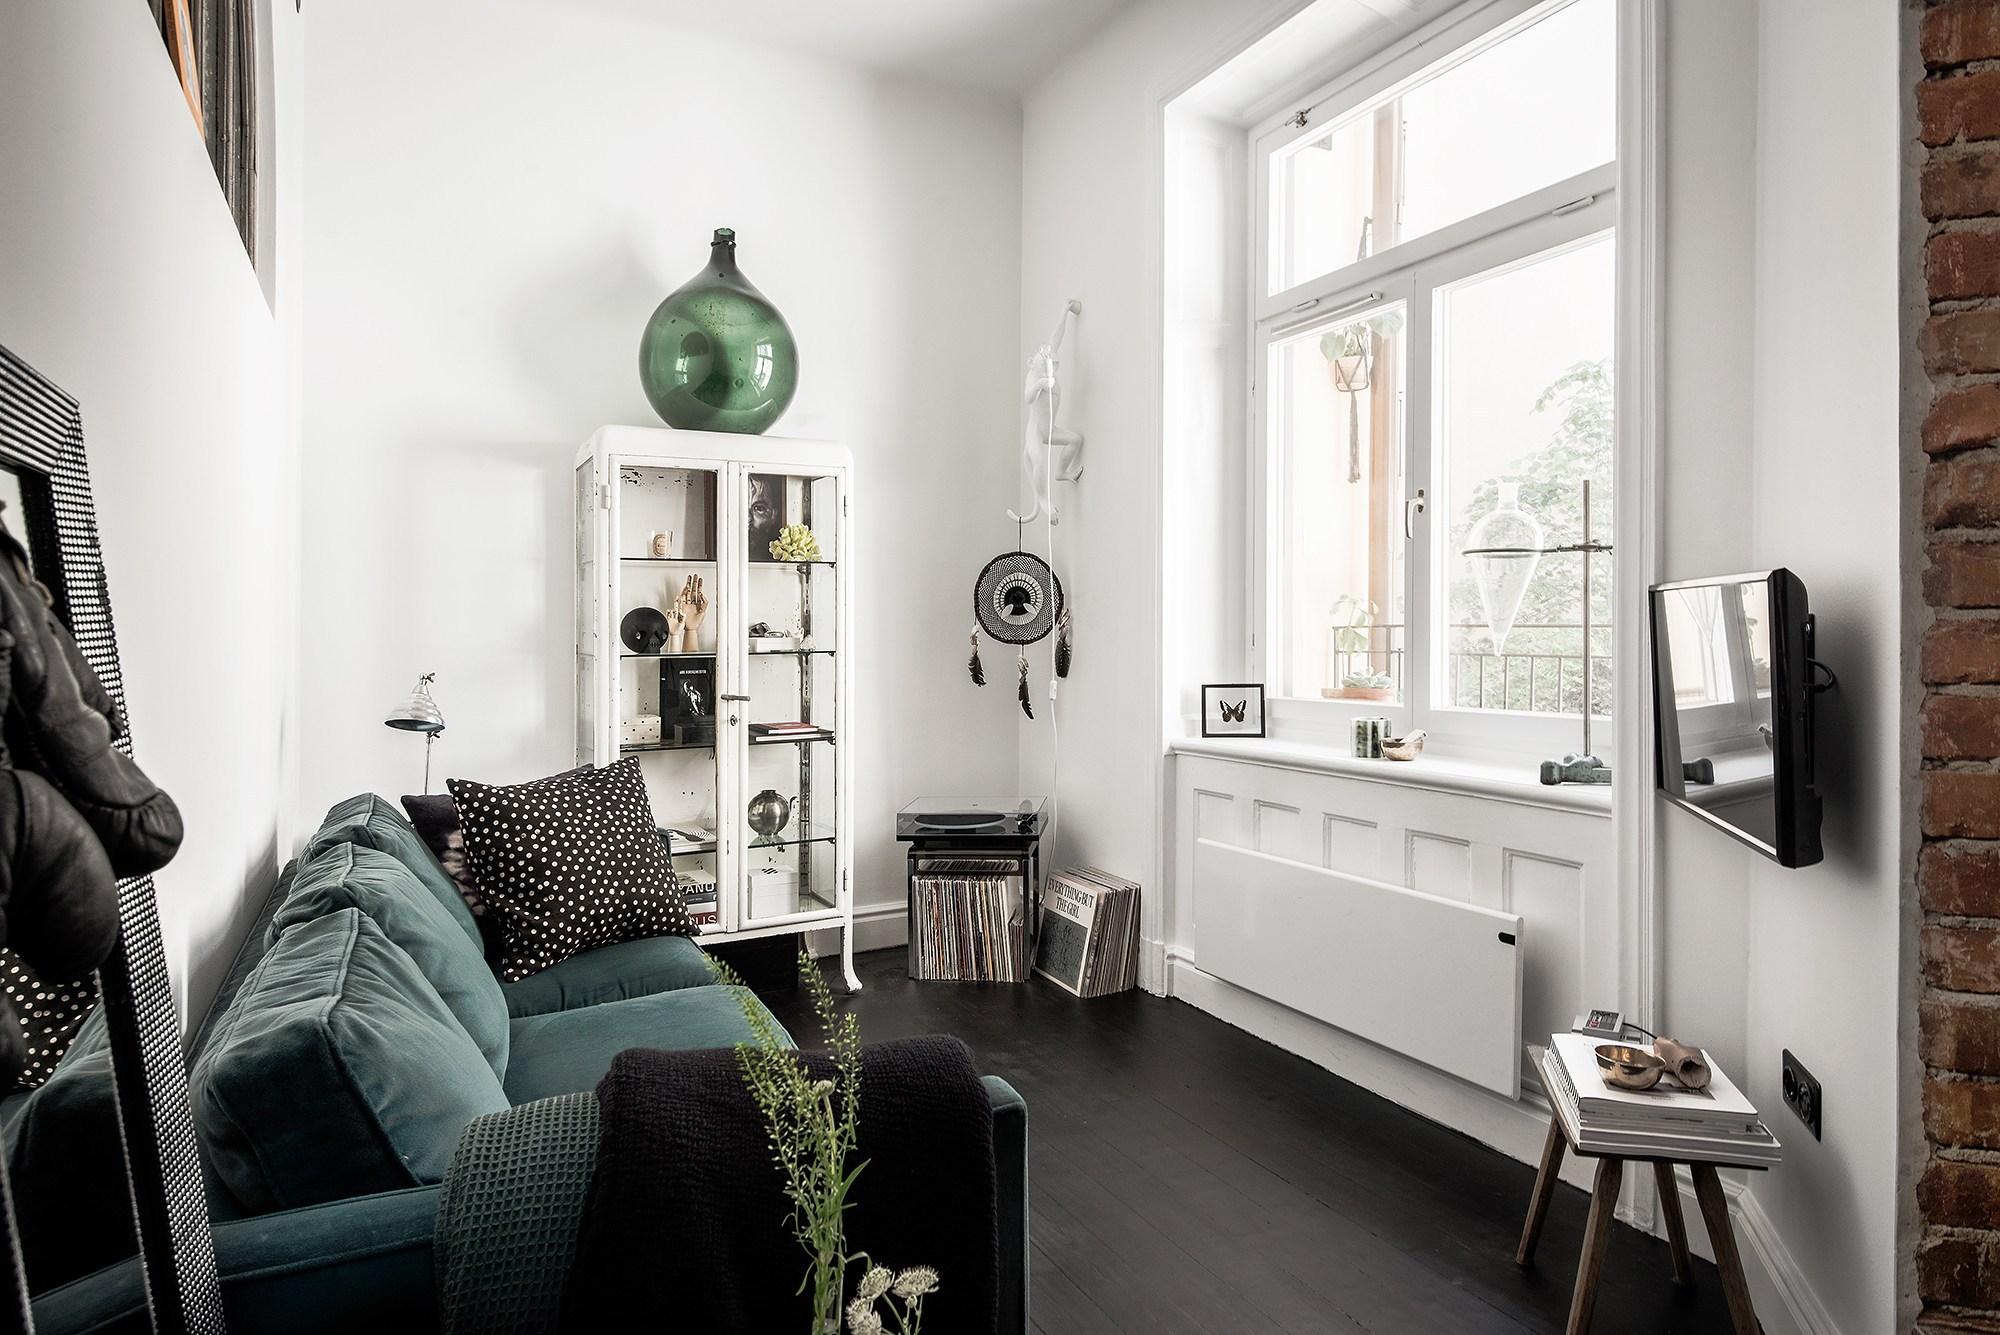 Tận dụng đồ cũ, căn hộ 42m² vẫn đẹp cá tính từng góc nhỏ - Ảnh 1.